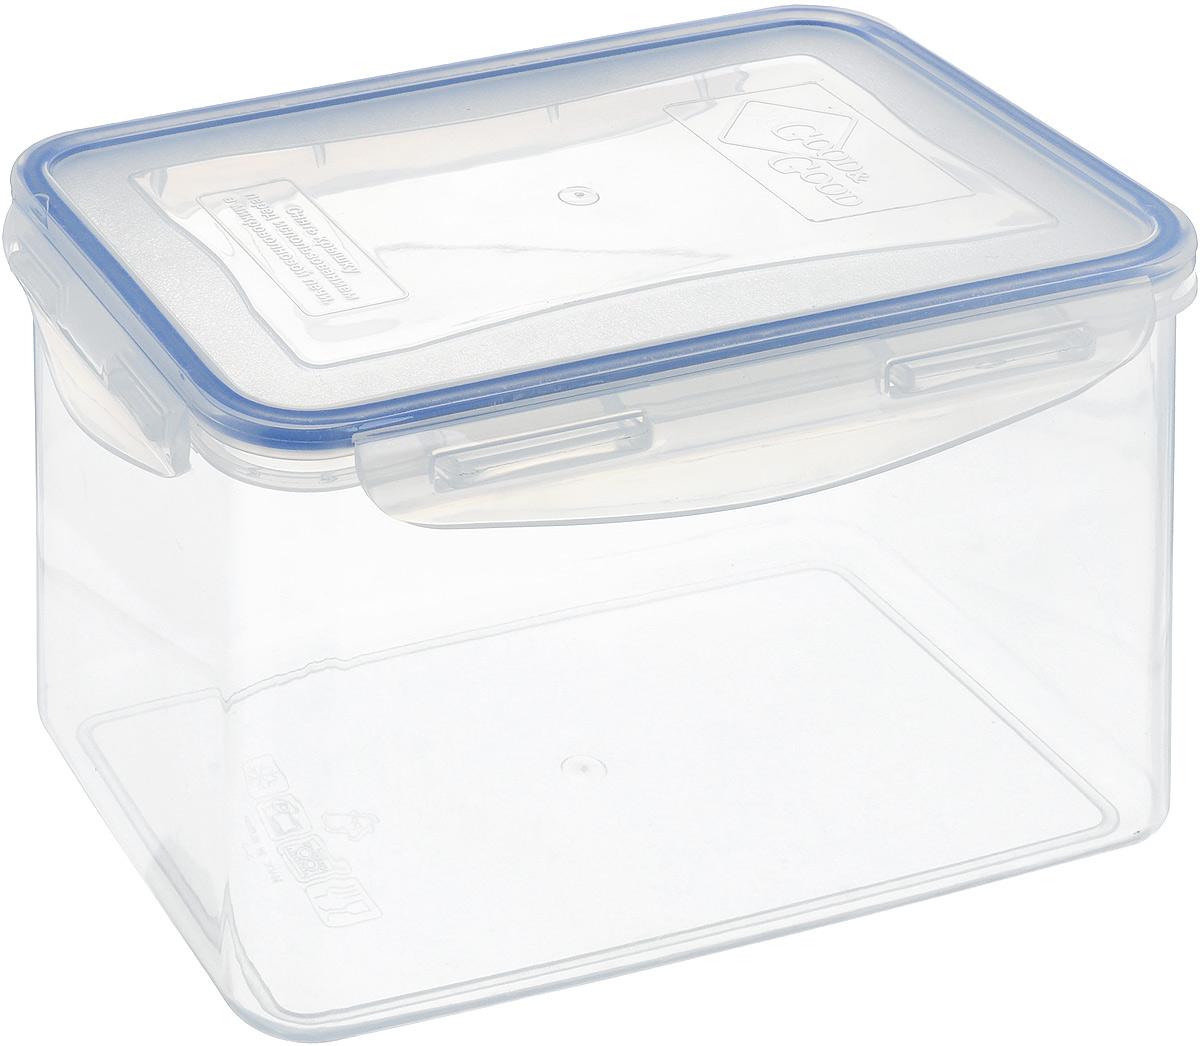 Контейнер Good&Good, цвет: прозранчый, синий, 2,2 лB/COL 3-3Контейнер  Good&Good изготовлен из высококачественного пластика. Изделие идеально подходит не только для хранения, но и для транспортировки пищи. Контейнер имеет крышку, которая плотно закрывается на 4 защелки и оснащена специальной силиконовой прослойкой, предотвращающей проникновение влаги, запахов и вытекание жидкости. Изделие подходит для домашнего использования, для пикников, поездок, отдыха на природе, его можно взять с собой на работу или учебу. Выдерживают температуру от -24°С до +125°С. Можно использовать в СВЧ-печах, холодильниках и морозильных камерах. Можно мыть в посудомоечной машине. Размер контейнера (без учета крышки): 18 х 12 см. Высота контейнера (без учета крышки): 12 см.